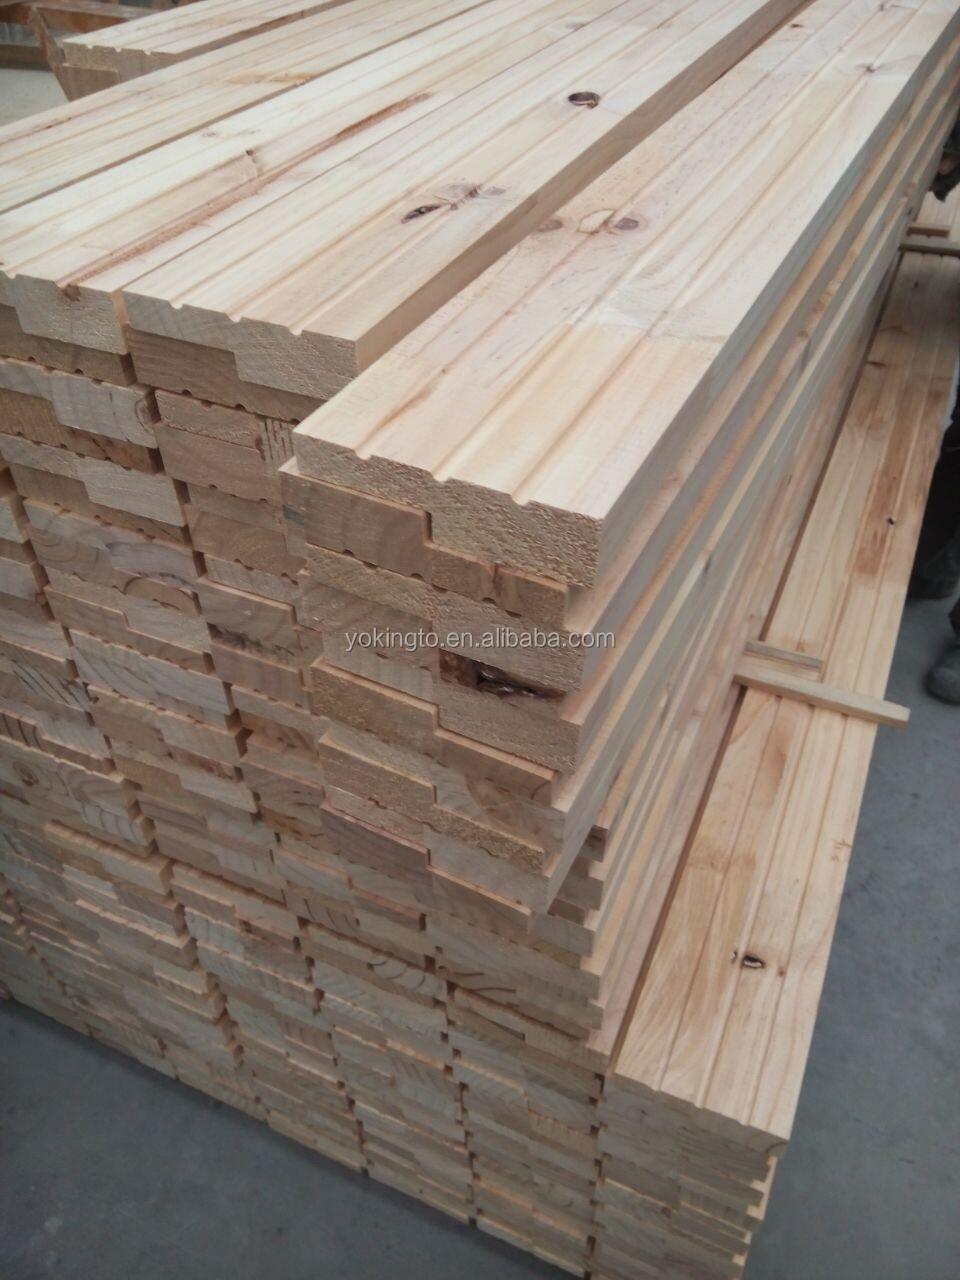 Pine wood finger joint door frame door jamb wood moulding for Finger joint wood doors